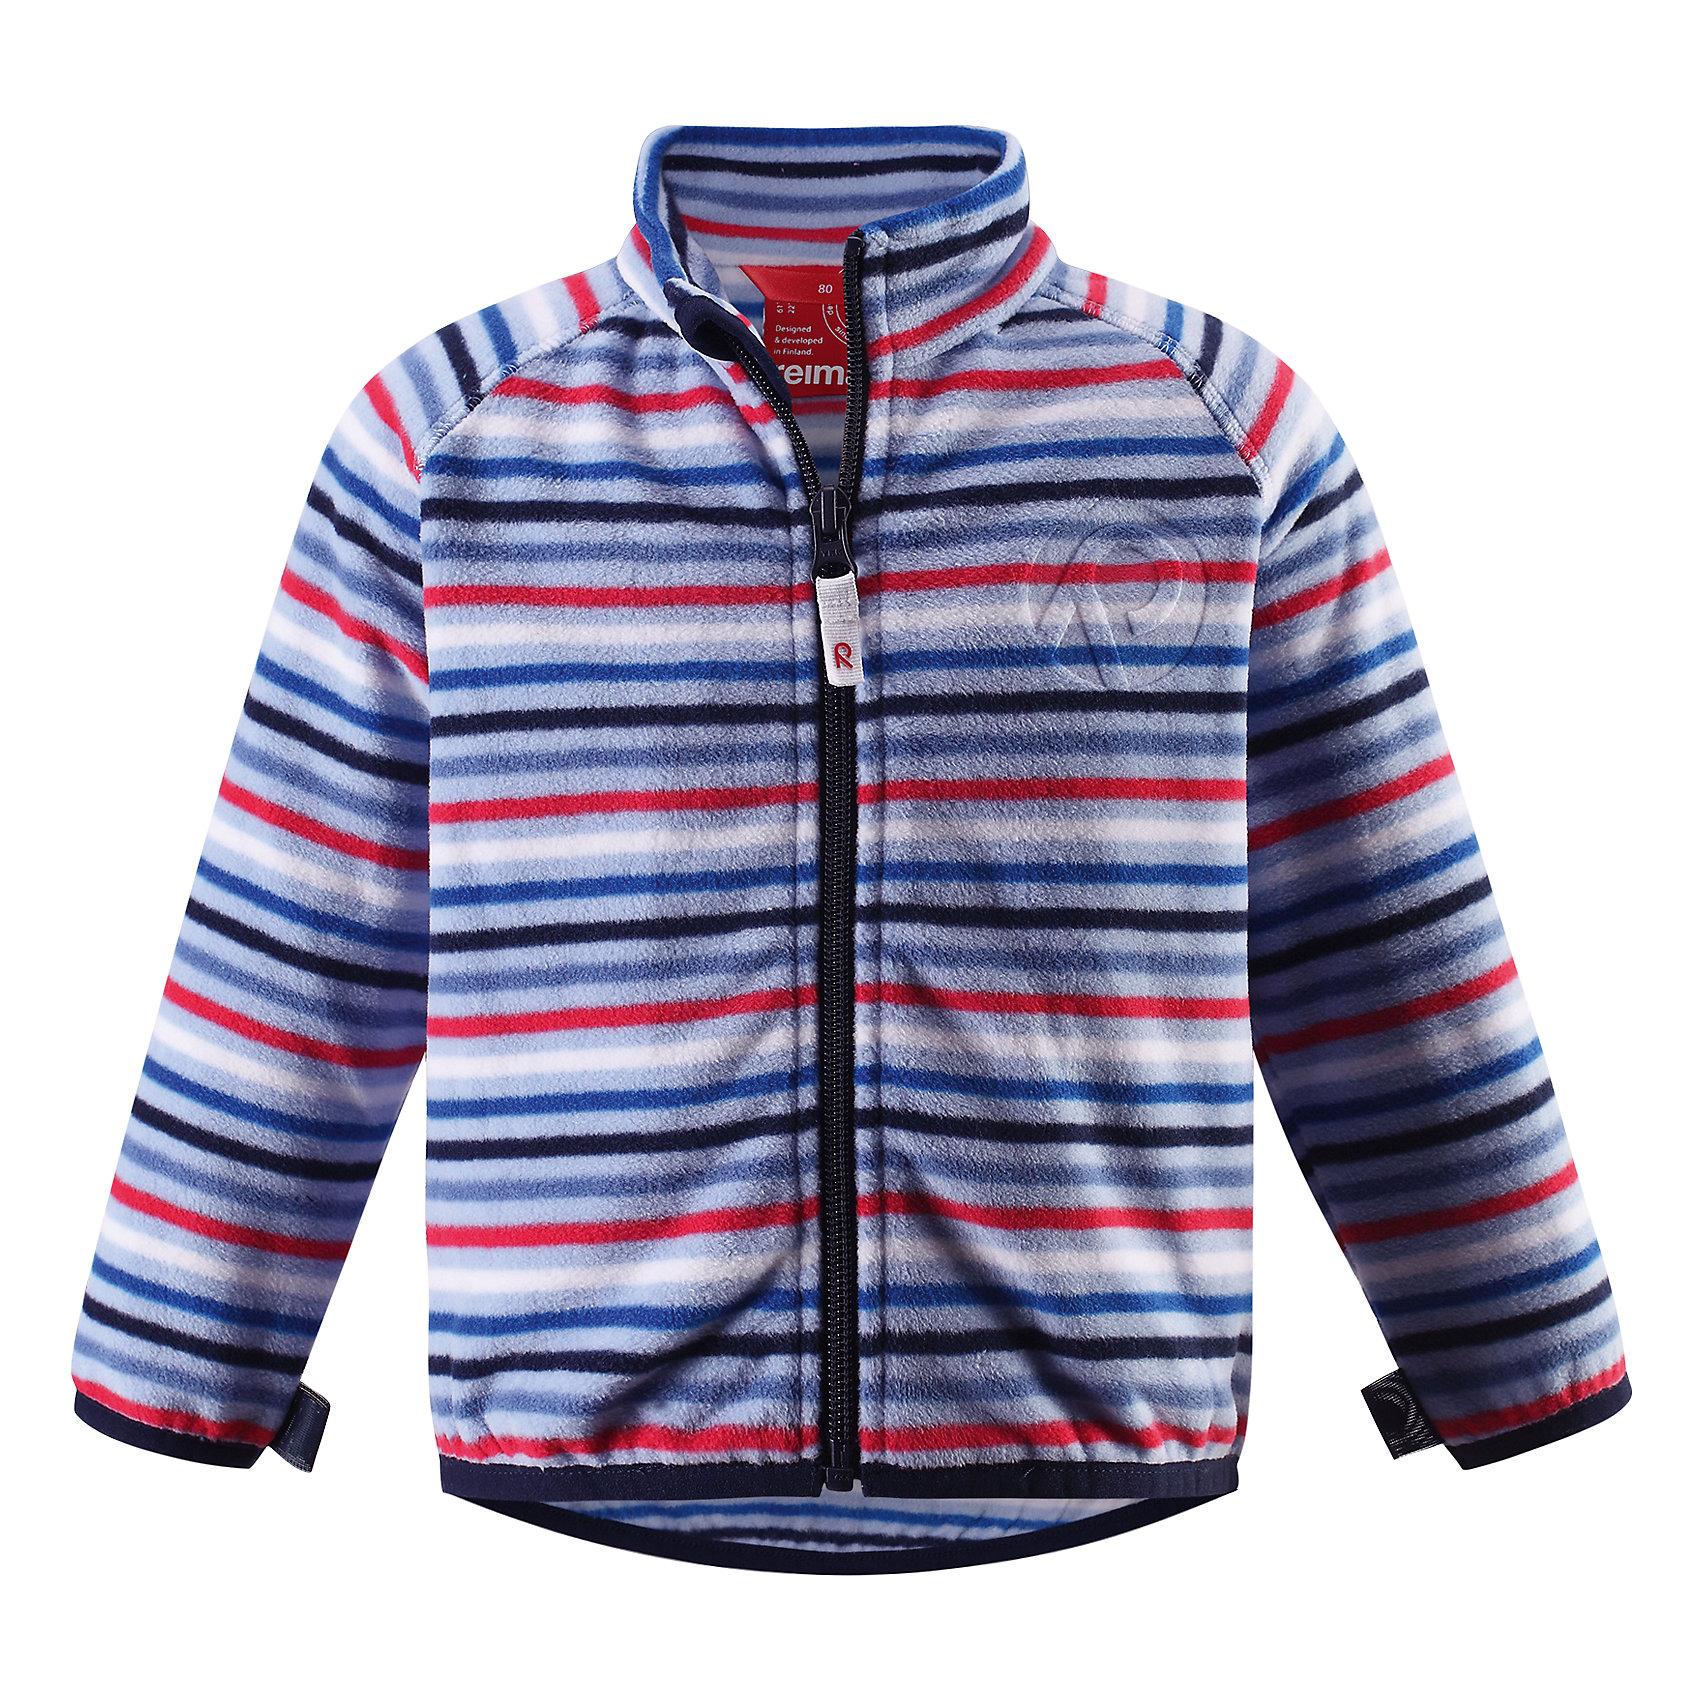 Куртка флисовая Nuoto ReimaПолоска<br>Характеристики товара:<br><br>• цвет: голубой<br>• состав: 100% полиэстер, флис<br>• тёплый, лёгкий и быстросохнущий полярный флис<br>• пристёгивается к верхней одежде Reima с помощью системы кнопок Play Layers<br>• эластичные манжеты и подол<br>• молния во всю длину со вставкой для защиты подбородка<br>• модель с горячим тиснением<br>• комфортная посадка<br>• страна производства: Китай<br>• страна бренда: Финляндия<br>• коллекция: весна-лето 2017<br><br>Одежда для детей может быть модной и комфортной одновременно! Удобная курточка поможет обеспечить ребенку комфорт и тепло. Изделие сшито из флиса - мягкого и теплого материала, приятного на ощупь. Модель стильно смотрится, отлично сочетается с различным низом. Стильный дизайн разрабатывался специально для детей.<br><br>Одежда и обувь от финского бренда Reima пользуется популярностью во многих странах. Эти изделия стильные, качественные и удобные. Для производства продукции используются только безопасные, проверенные материалы и фурнитура. Порадуйте ребенка модными и красивыми вещами от Reima! <br><br>Куртку флисовую для мальчика от финского бренда Reima (Рейма) можно купить в нашем интернет-магазине.<br><br>Ширина мм: 356<br>Глубина мм: 10<br>Высота мм: 245<br>Вес г: 519<br>Цвет: синий<br>Возраст от месяцев: 24<br>Возраст до месяцев: 36<br>Пол: Унисекс<br>Возраст: Детский<br>Размер: 98,74,92,80,86<br>SKU: 5271277